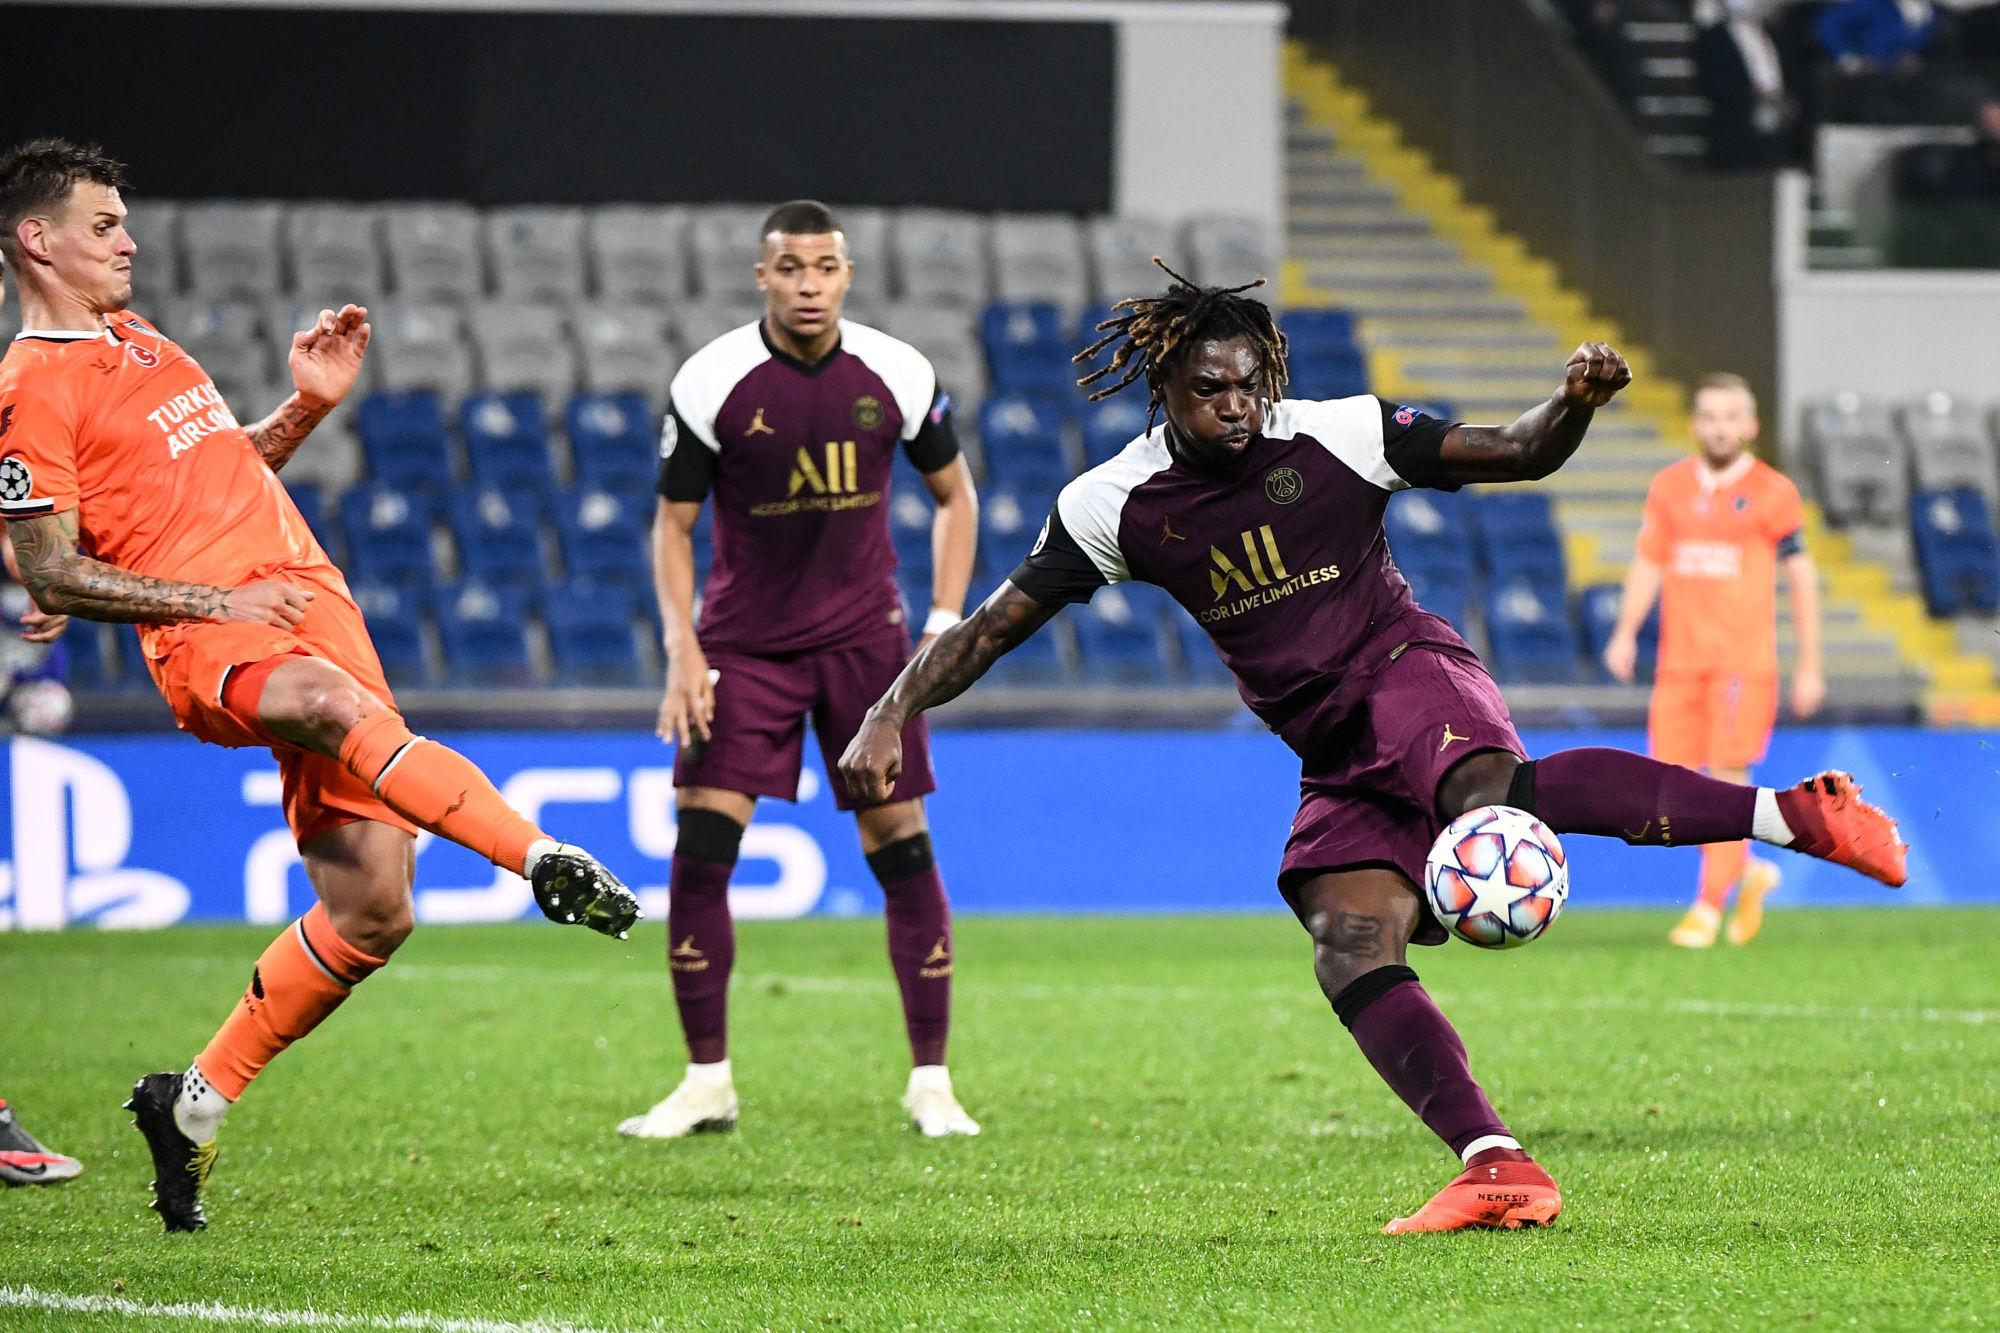 Kean «a la soif de gagner, de succès», affirme son ancien coéquipier Sidibé